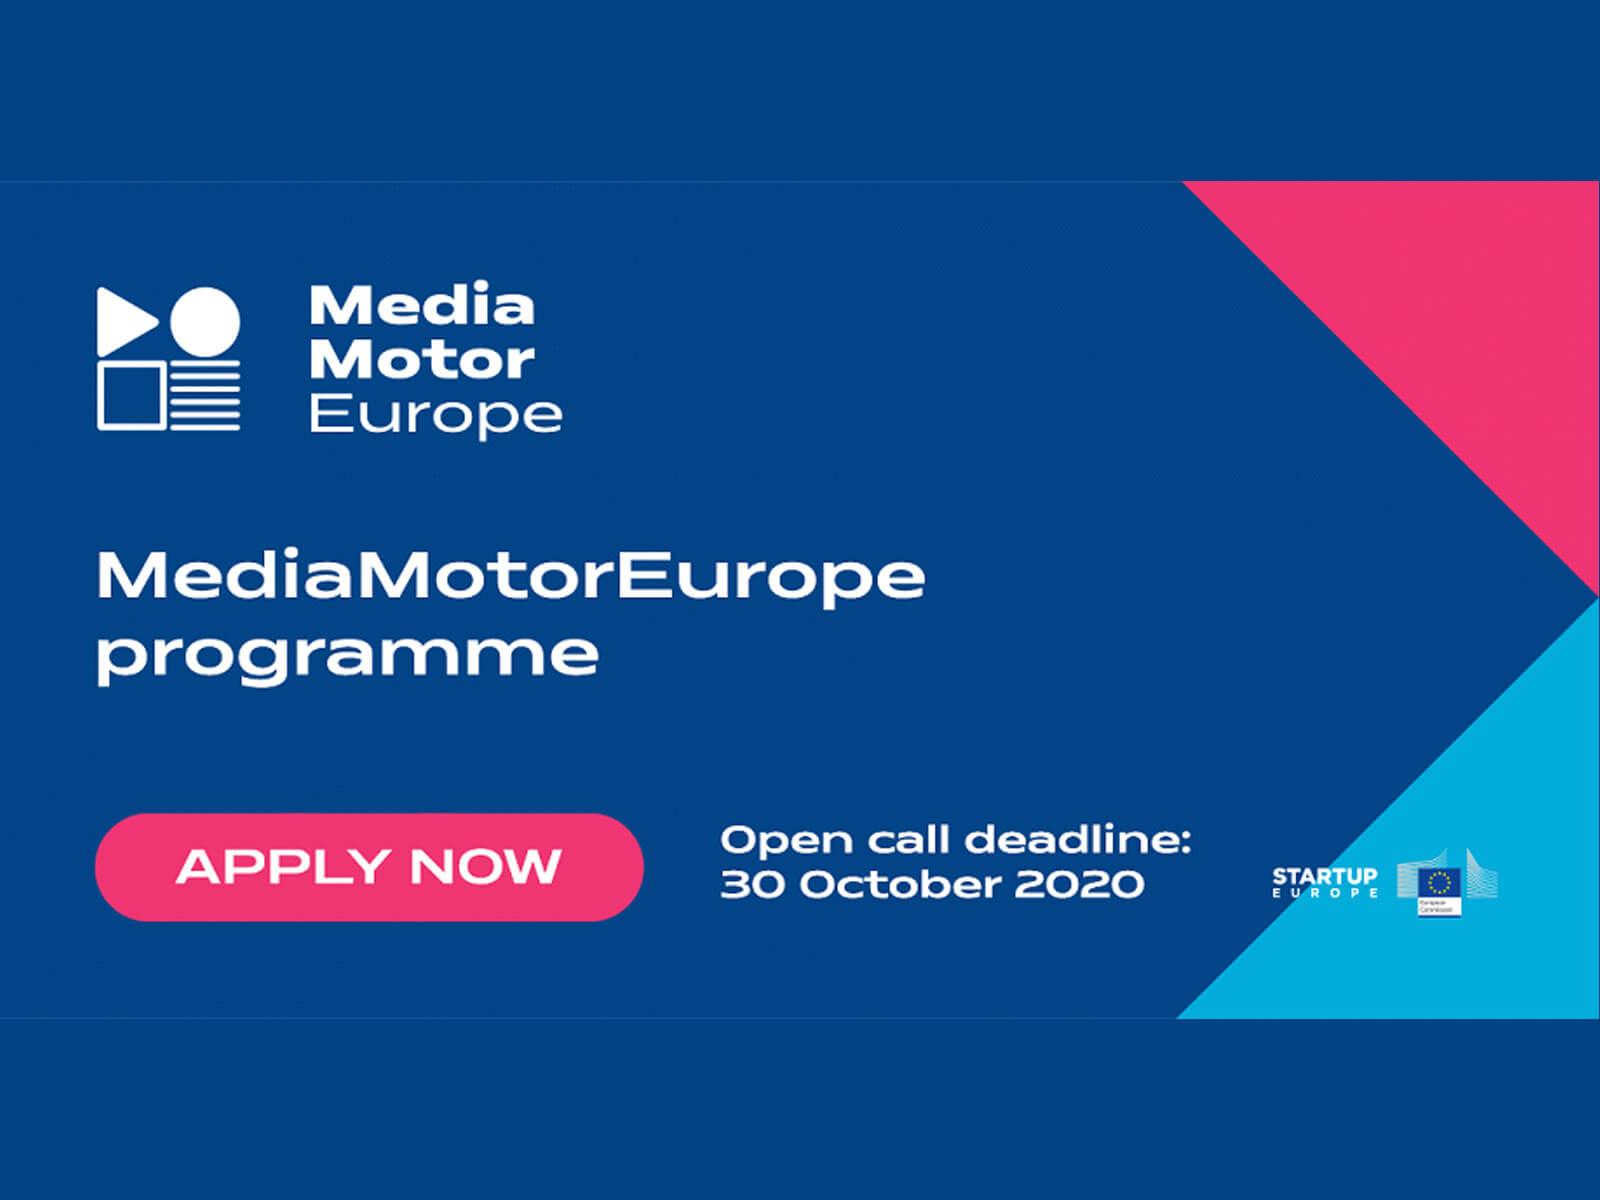 Ανοιχτή πρόσκληση υποβολής αιτήσεων για τη συμμετοχή στον 2ο κύκλο επιχειρηματικής καθοδήγησης του MediaMotorEurope!